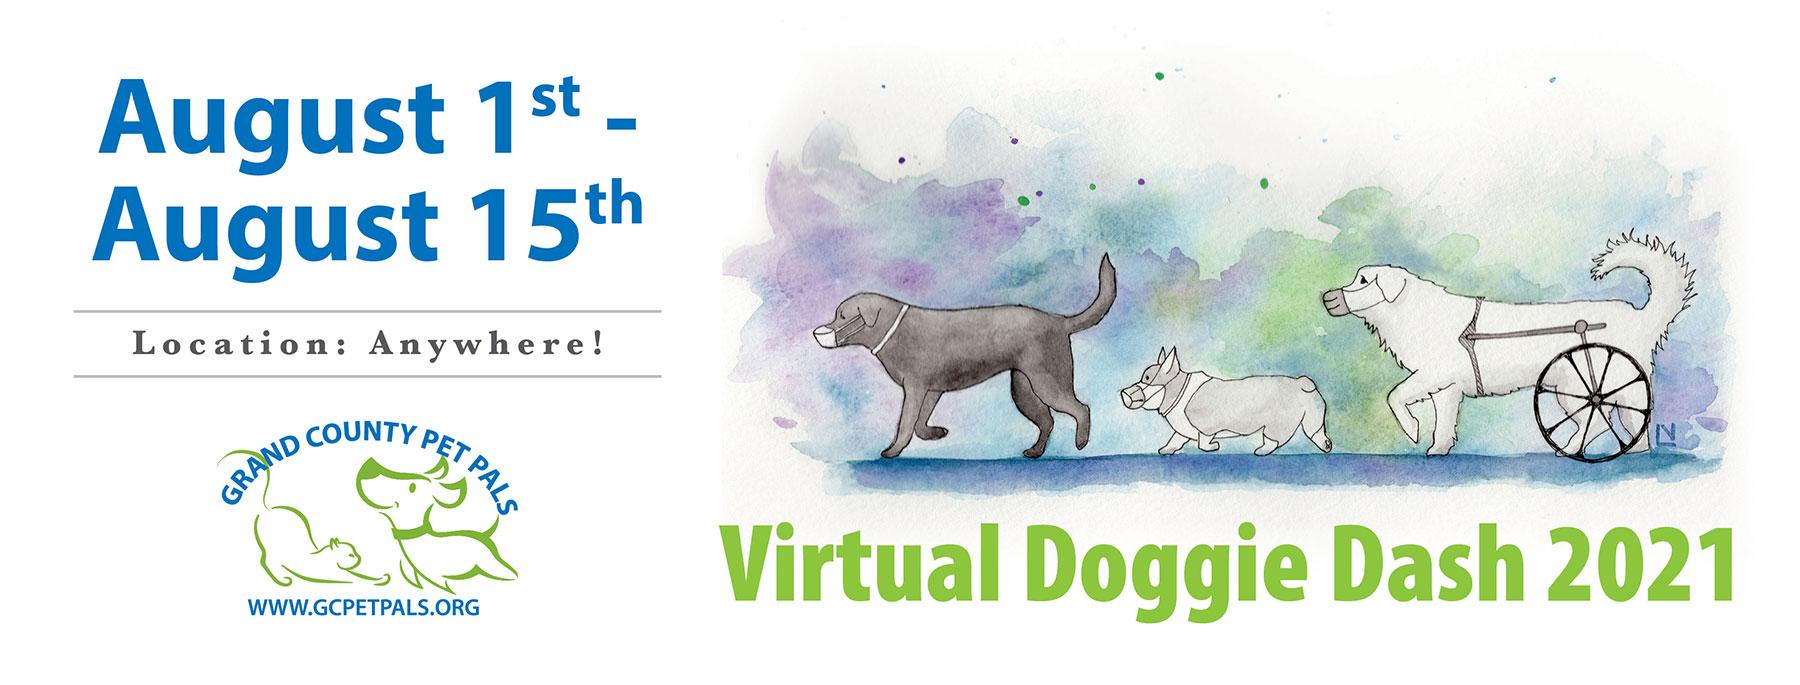 Virtual Doggie Dash 2021: August 1-15